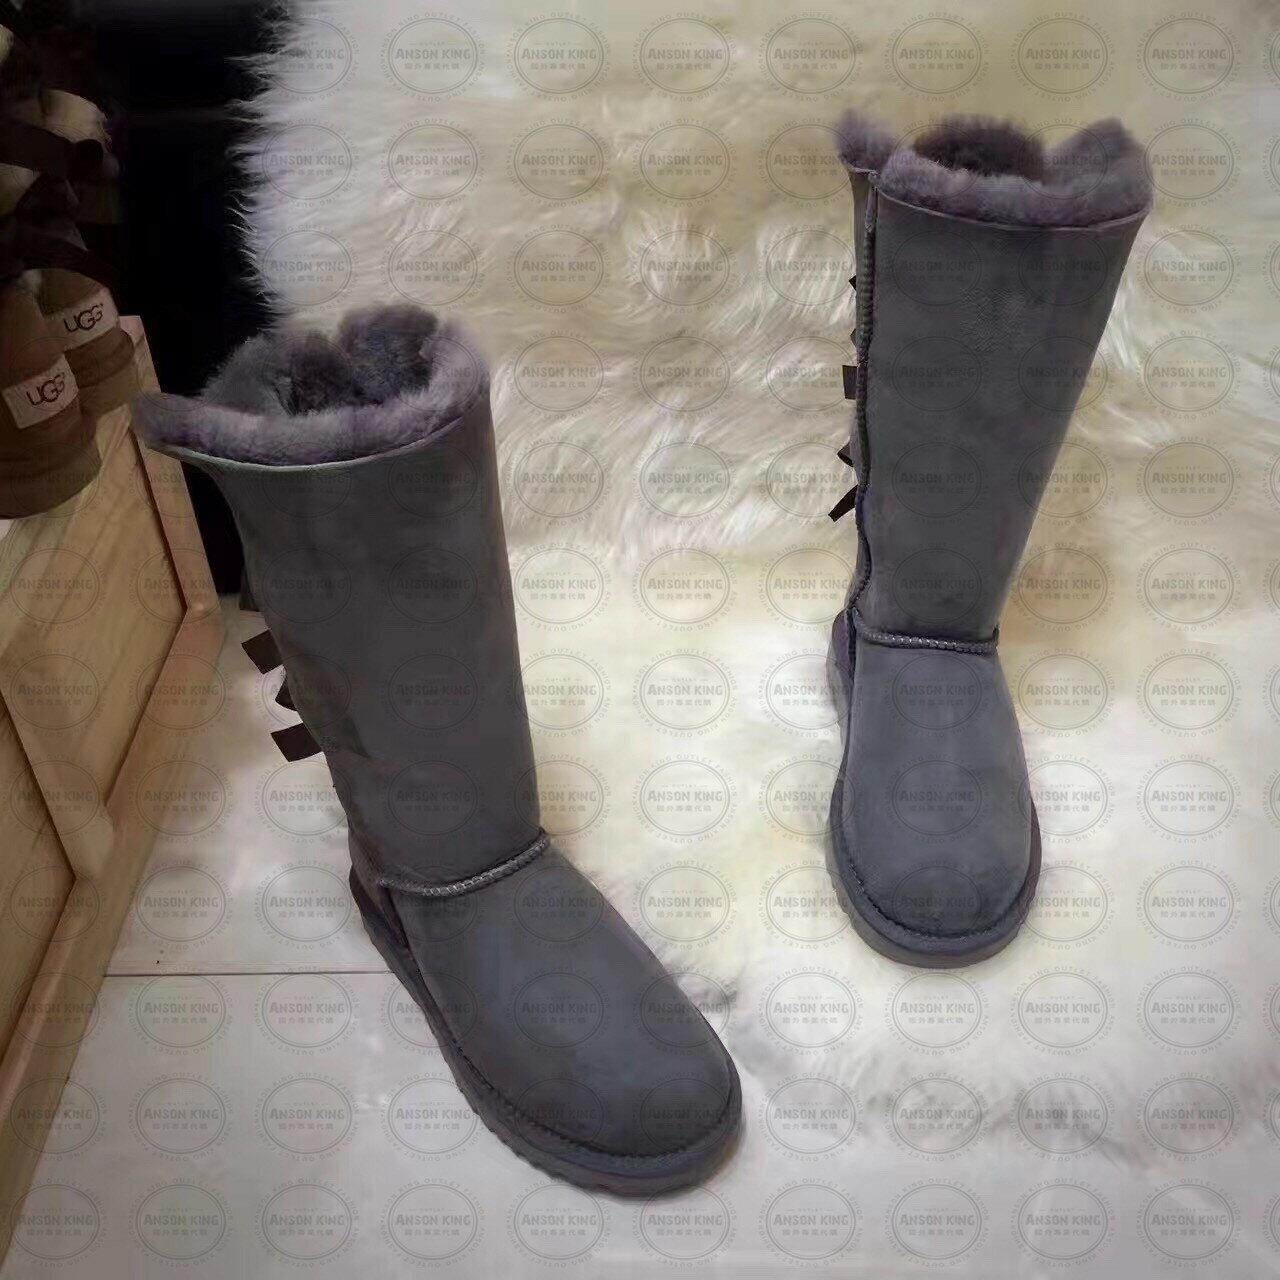 OUTLET正品代購 澳洲 UGG 一體女式絲帶蝴蝶結 保暖 真皮羊皮毛 雪靴 短靴 灰色 1